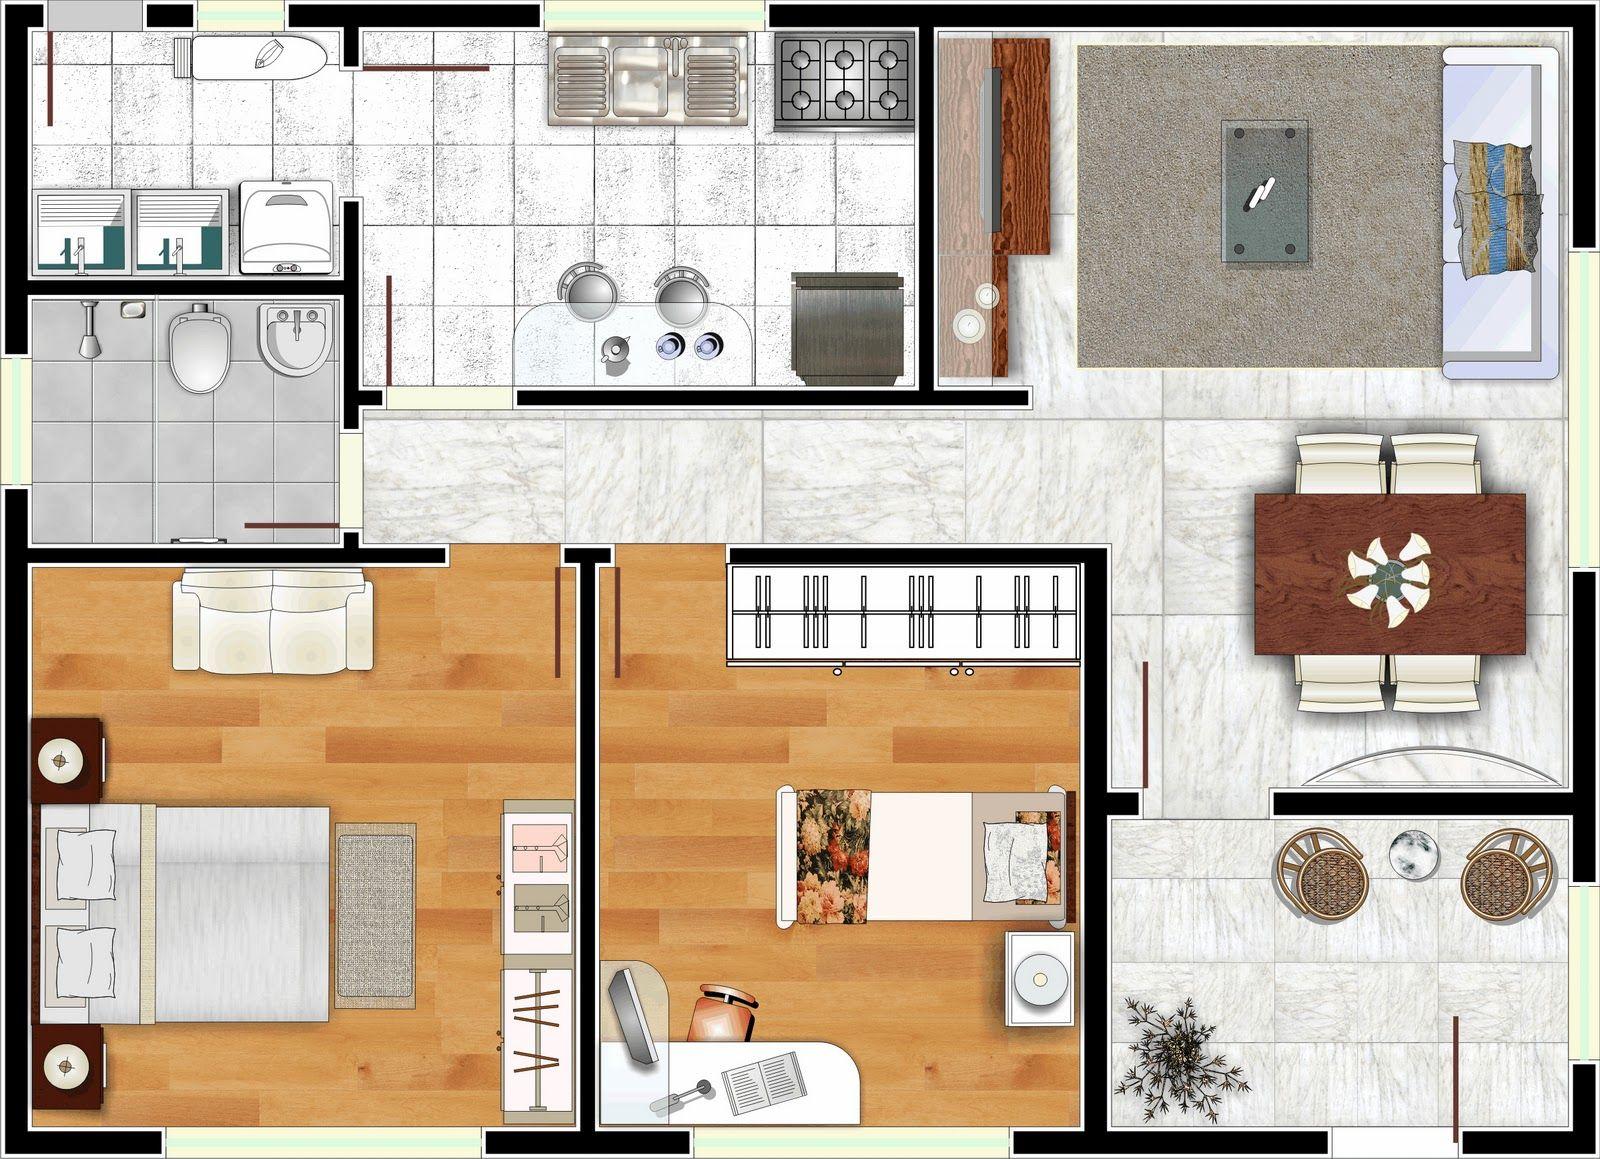 5 modelos de planta baixa de casas pequenas luxury for Modelos de casa pequenas para construir